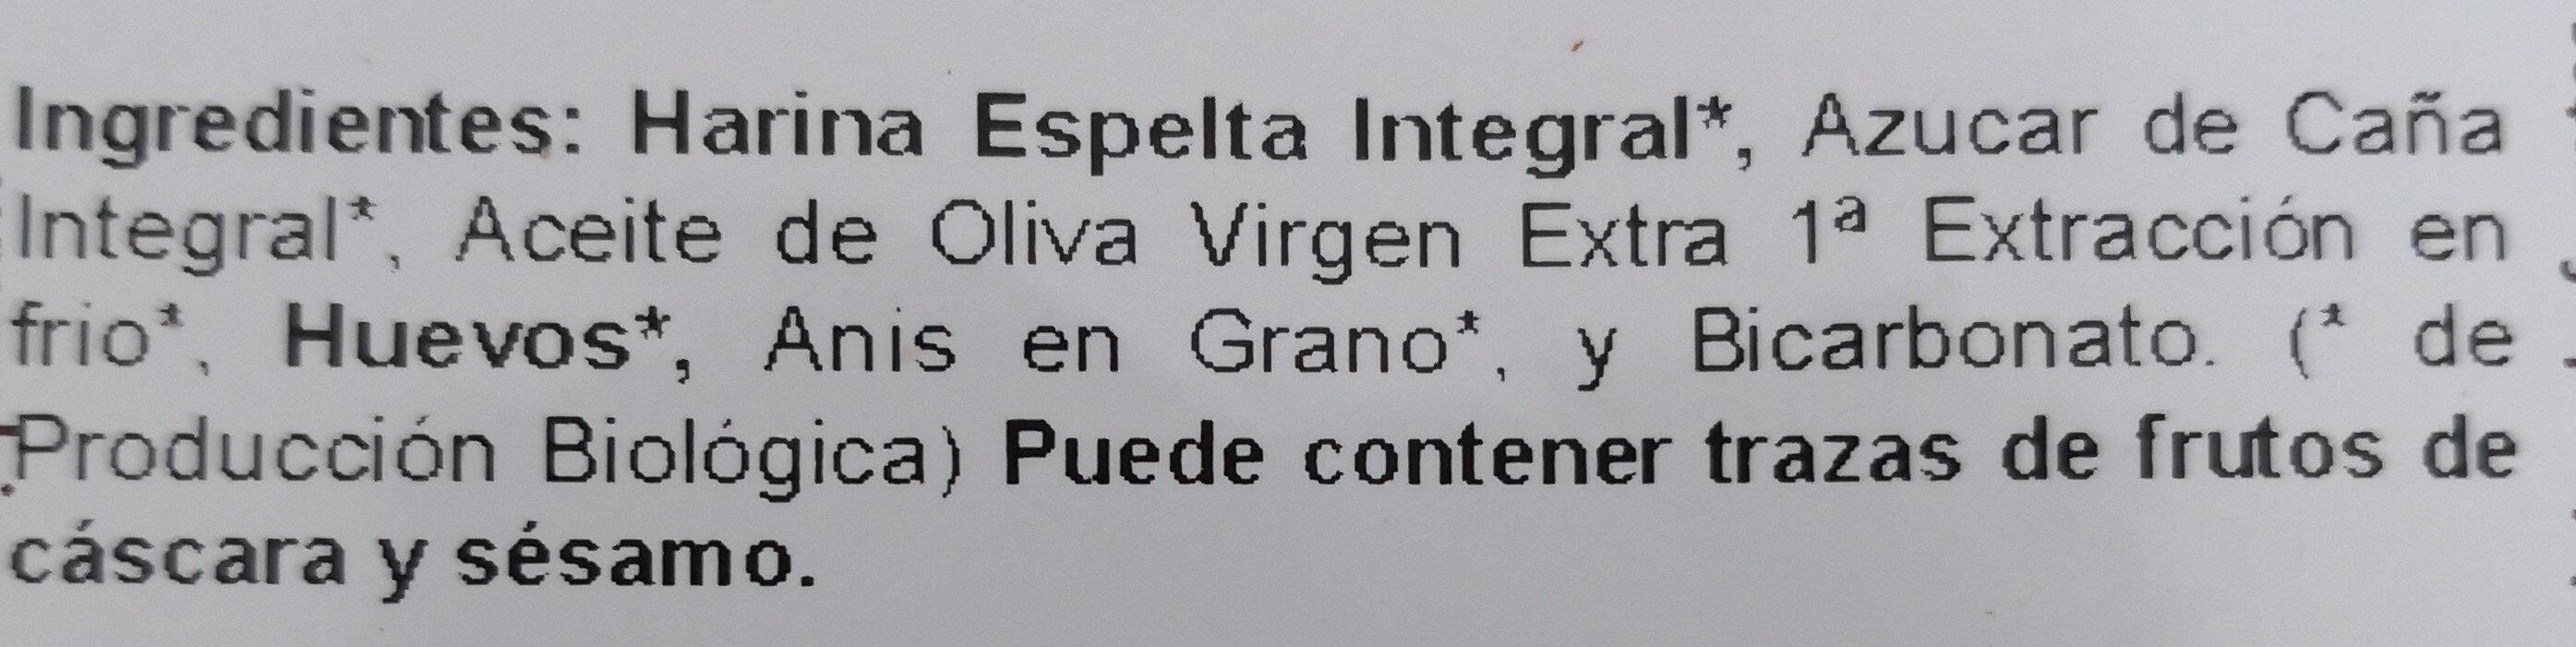 Romanicas de Espelta Integral - Ingredients - es